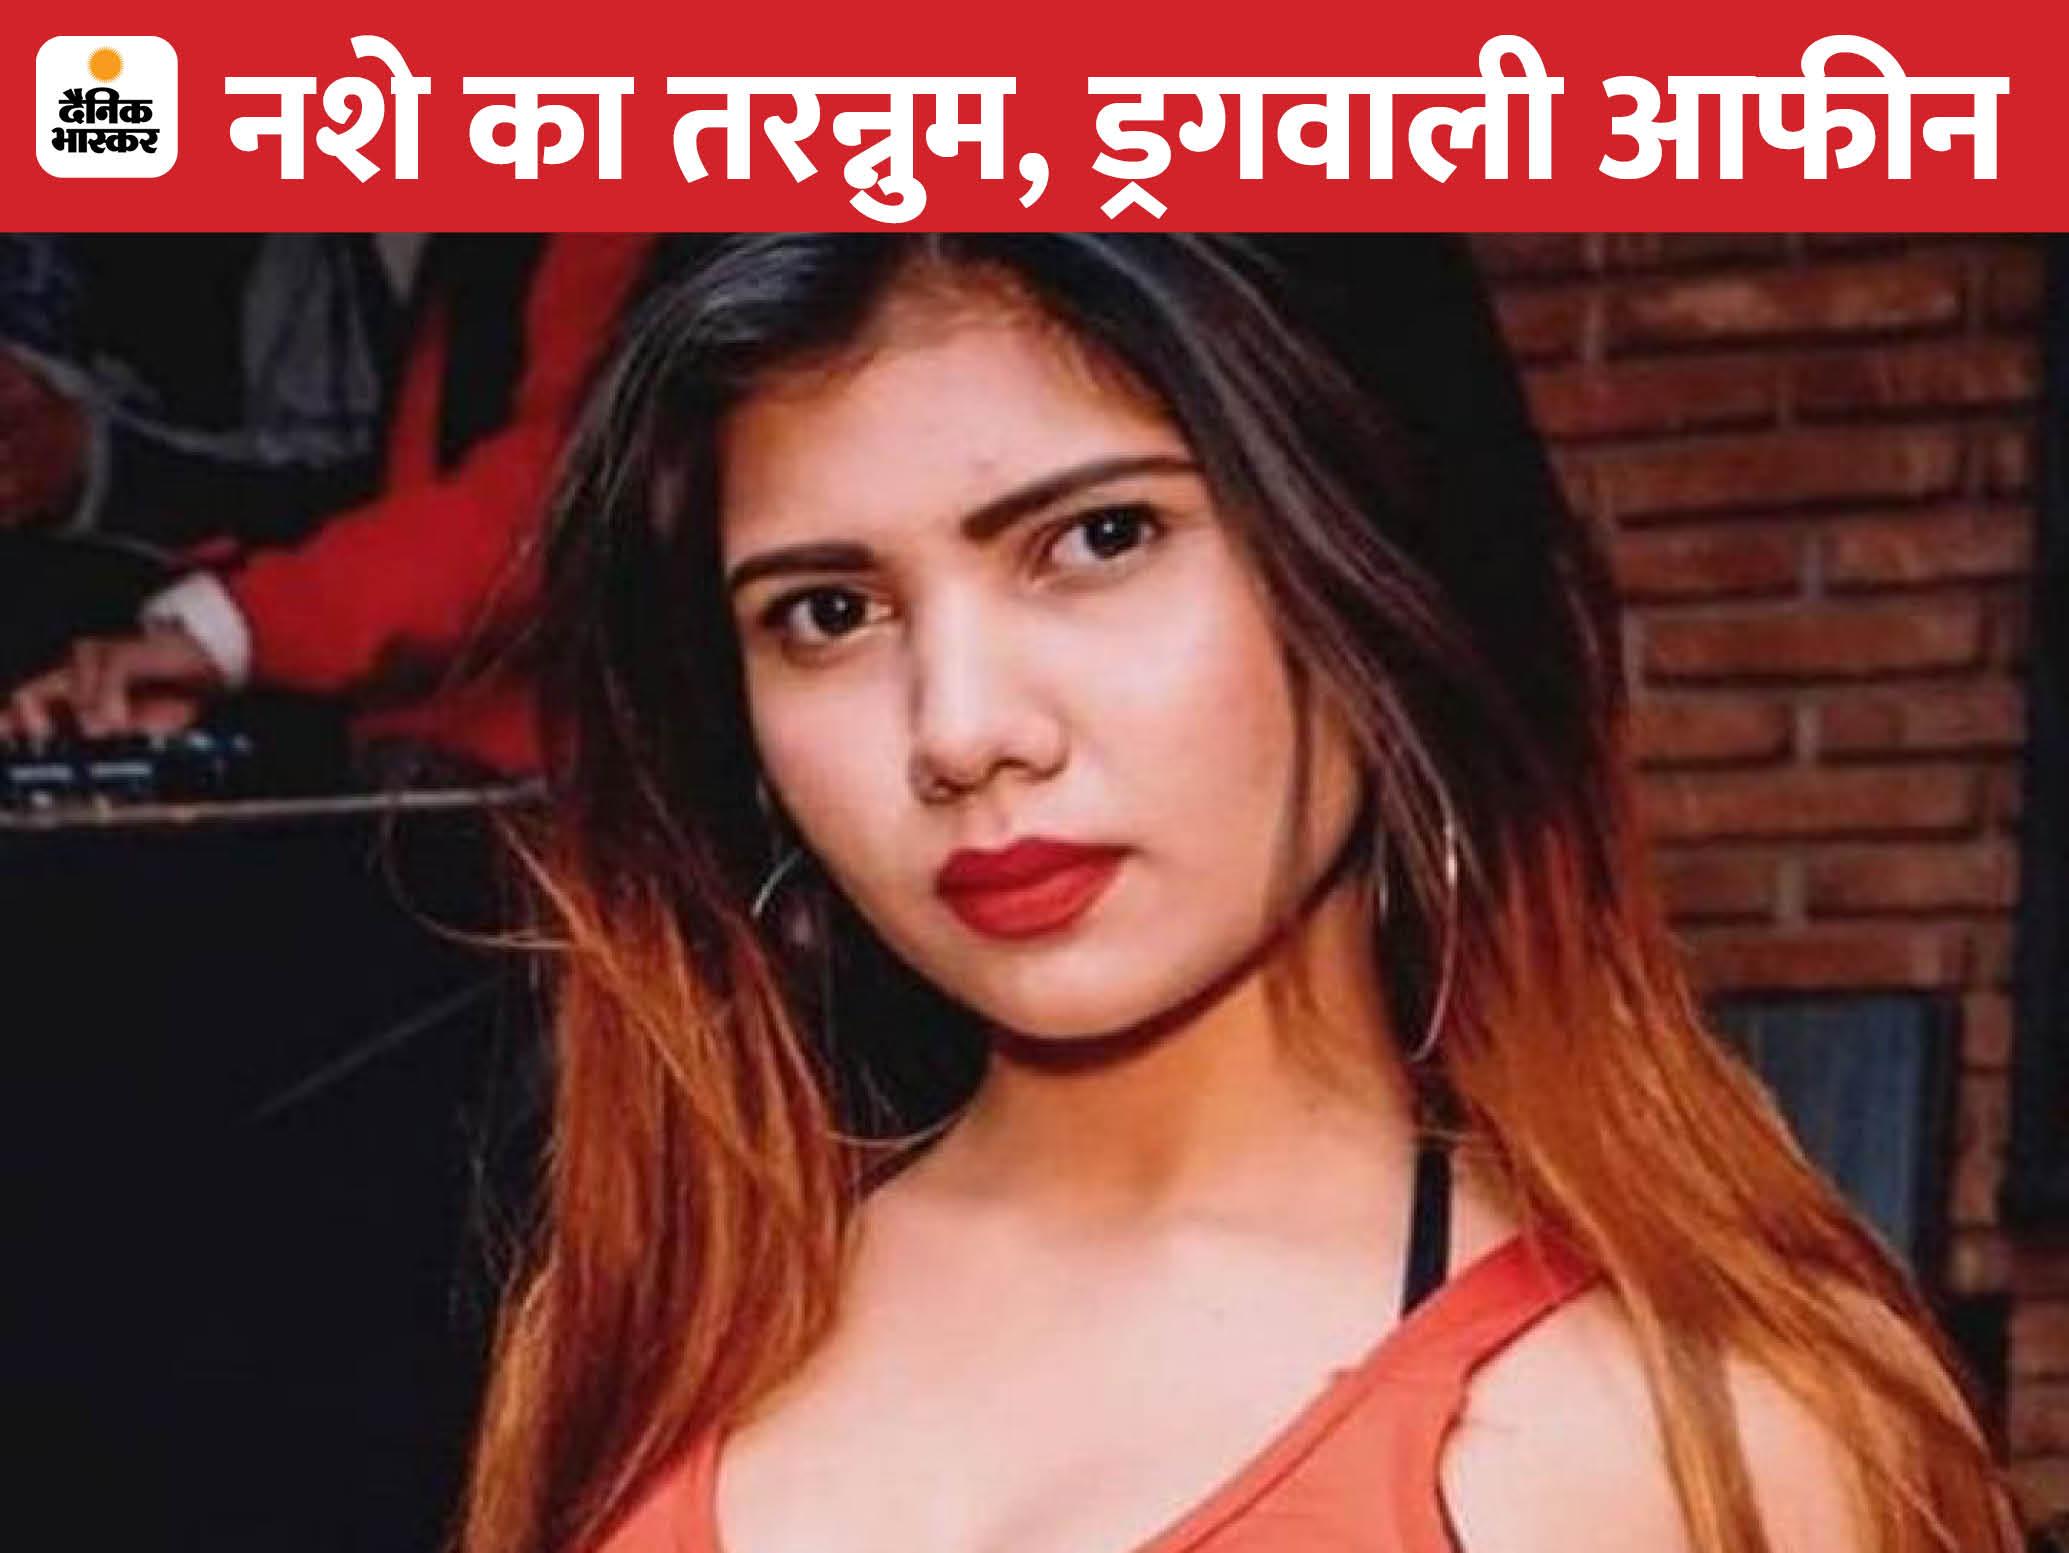 आफीन यश के कहने पर पब और बार में डांस कर युवाओं को अपने जाल में फांसती थी। - Dainik Bhaskar